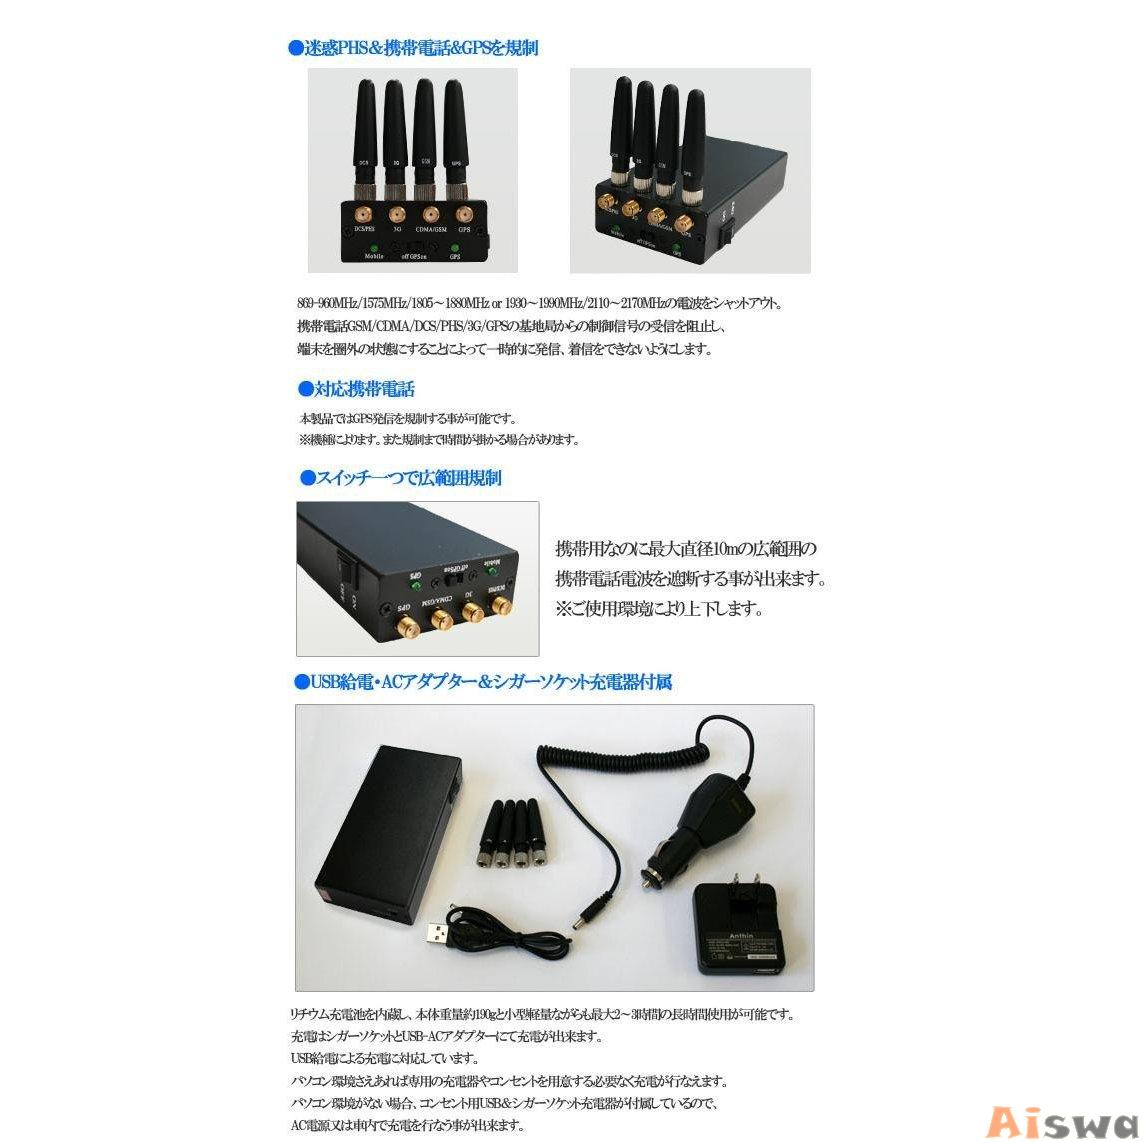 携帯電話電波遮断機 GPS対応携帯電話ジャマー 「MDPB-J17A」1